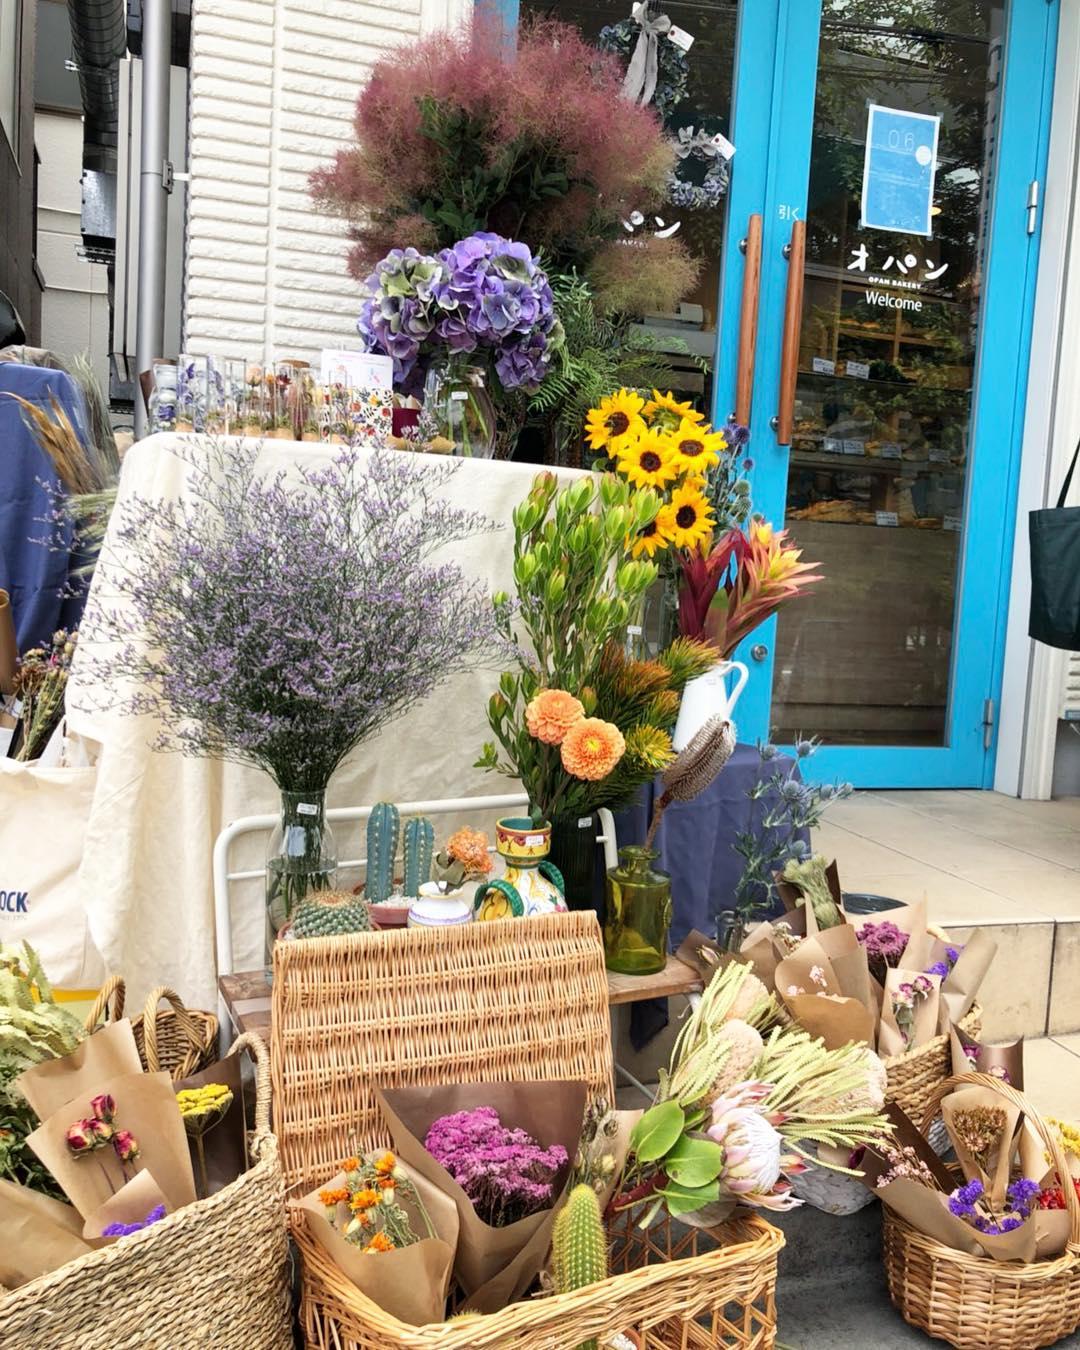 21018年10月7日(日)にオパン1日花屋をオープンします